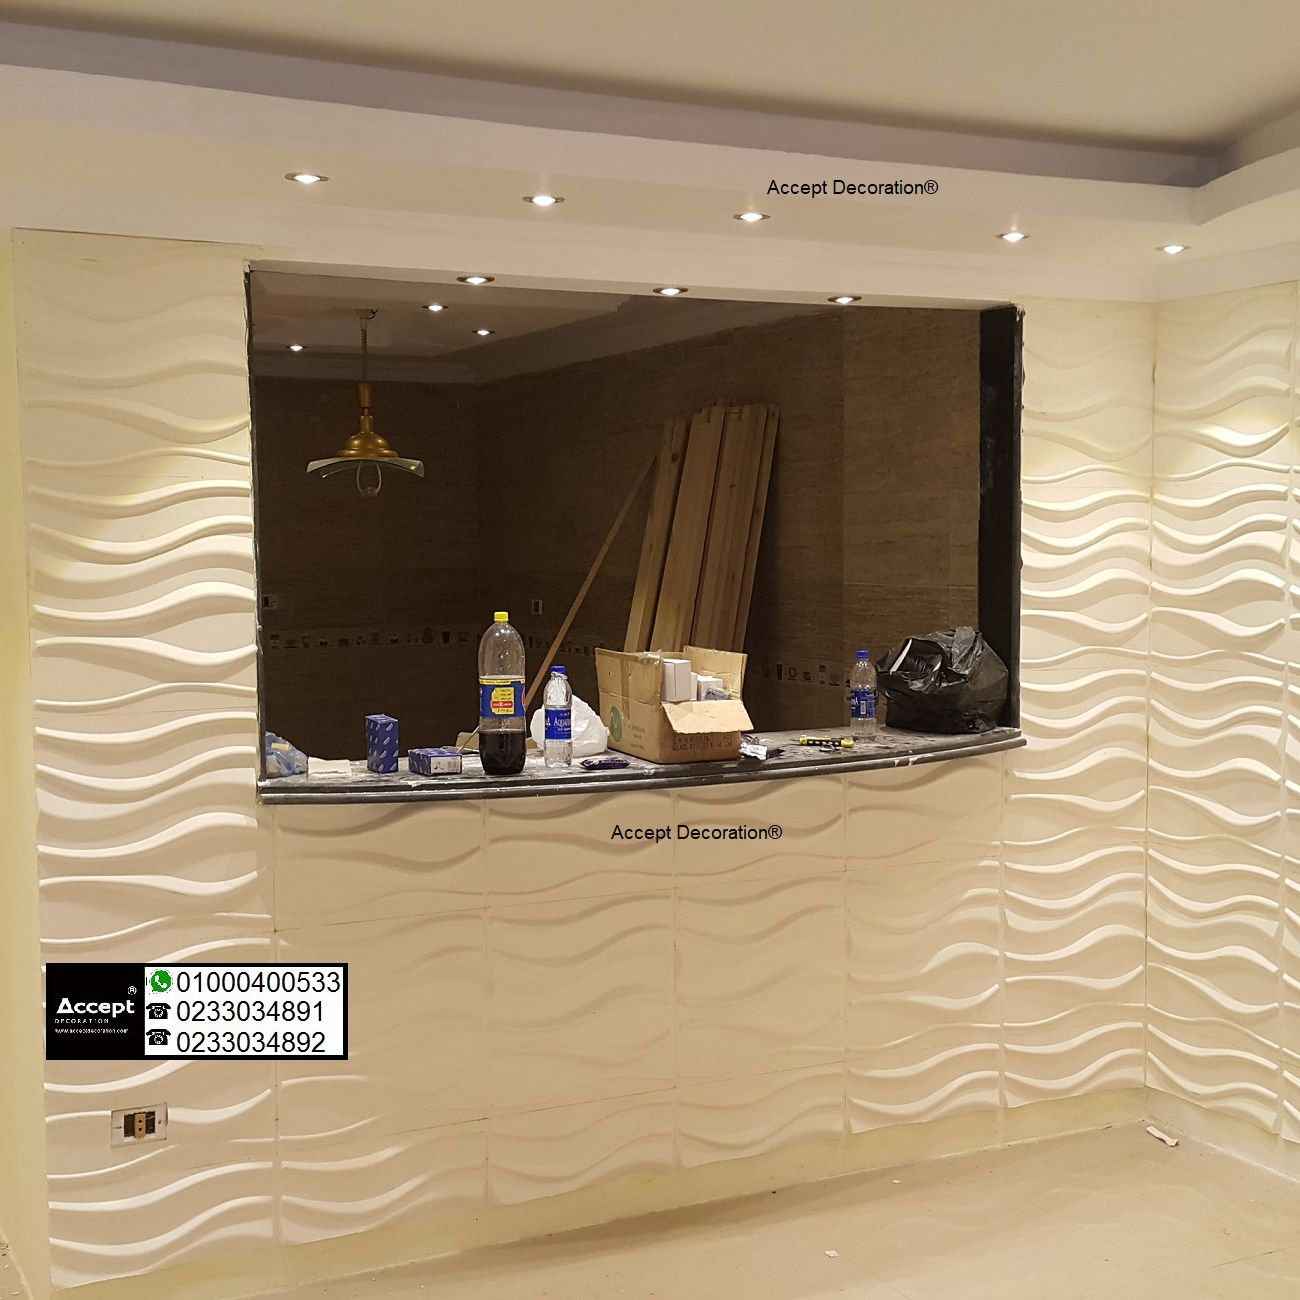 افضل شركة تشطيب في مصر اسقف معلقة جبس بورد تشطيبات داخلية وديكورات Ceiling Design Kitchen Design Small Kitchen Design